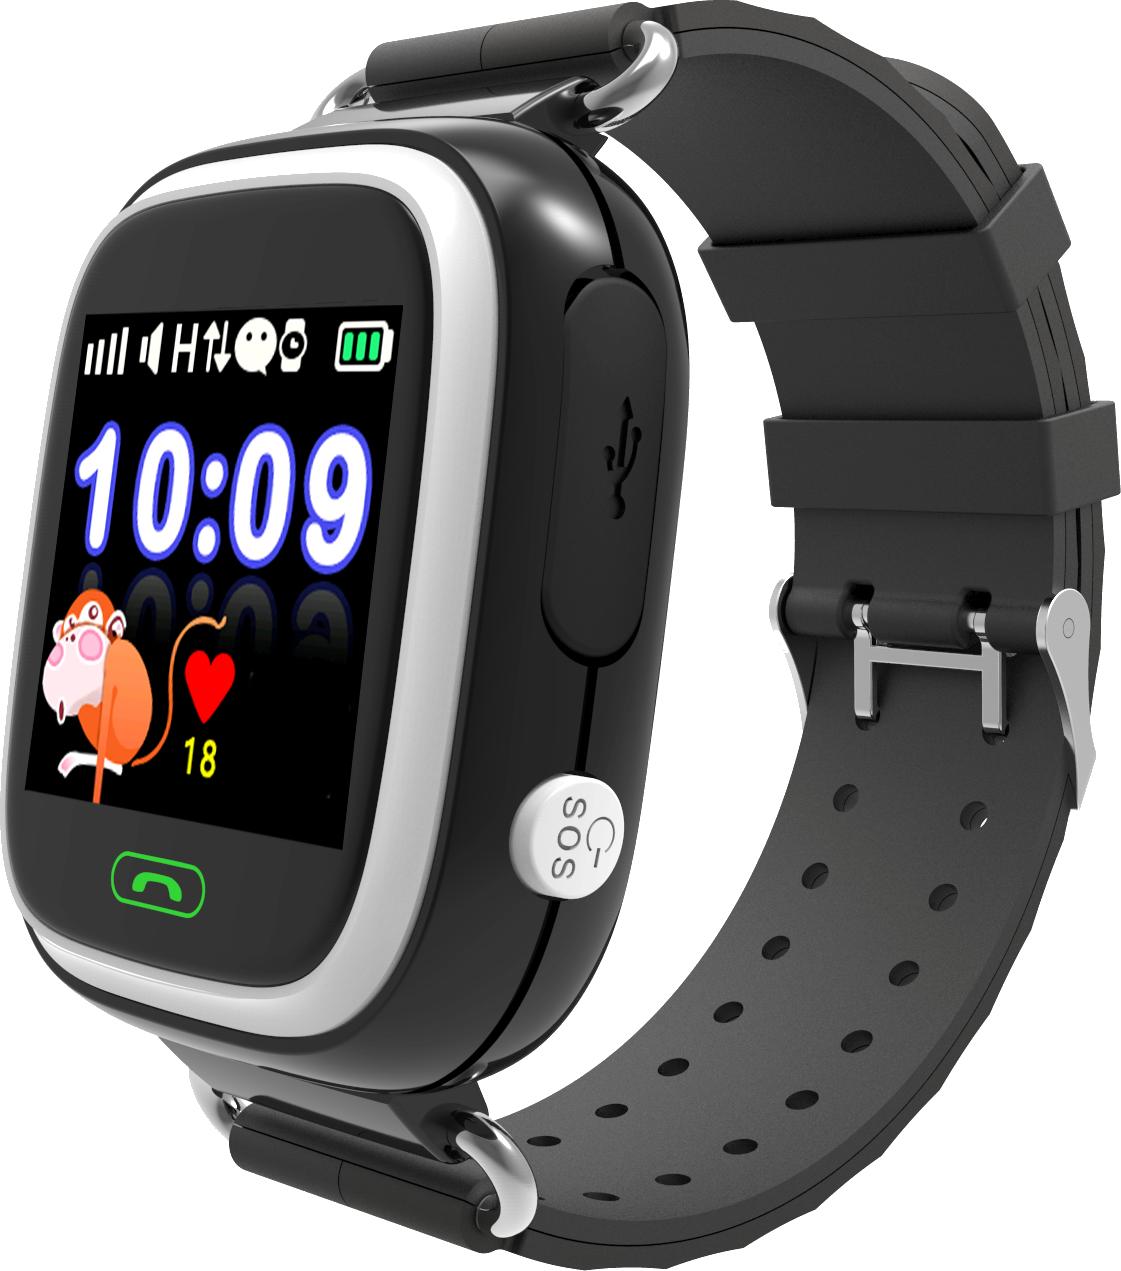 Vaikiškas išmanusis GPS laikrodis Gudrutis R9